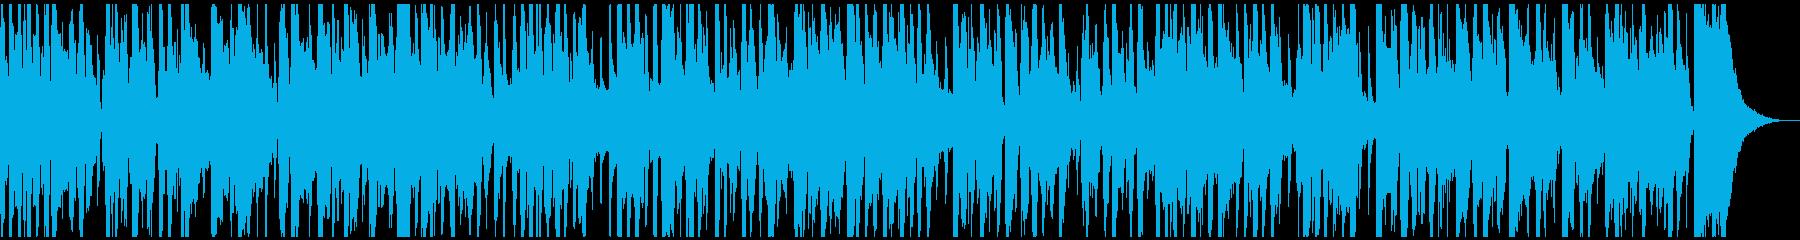 生音バイオリンのレトロで軽快なワルツの再生済みの波形